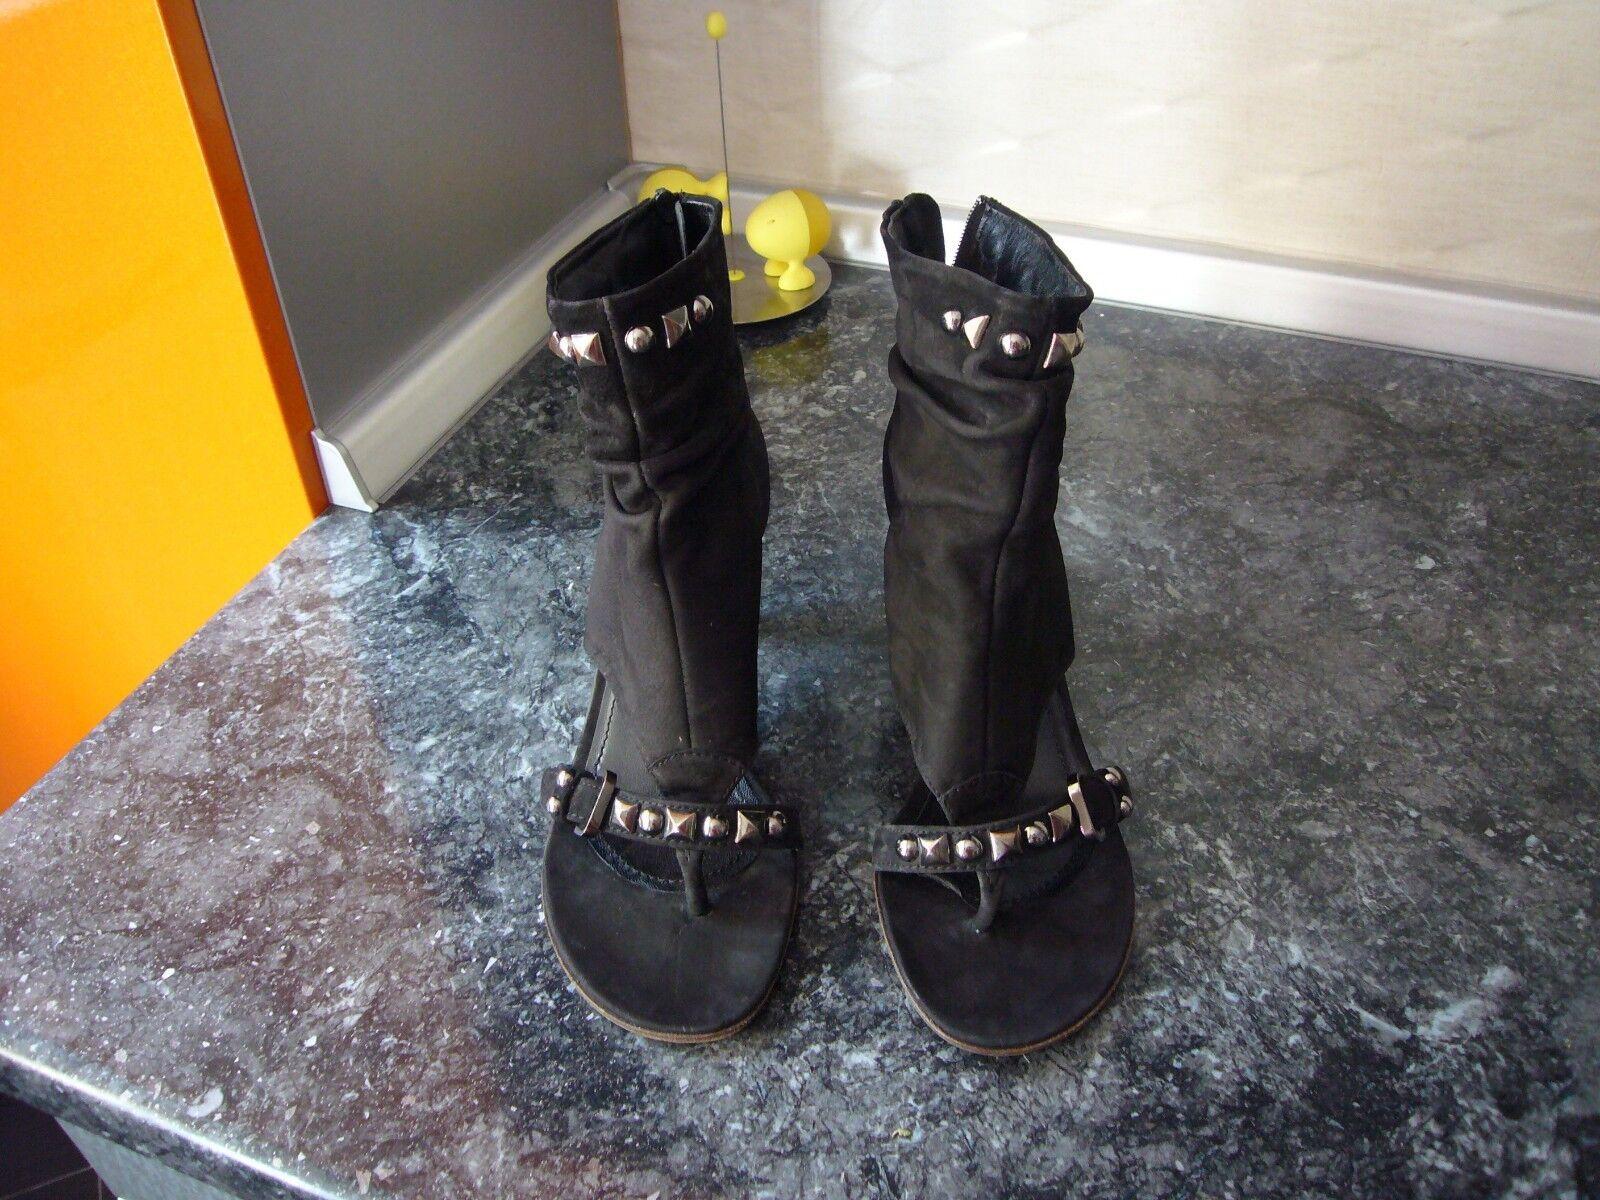 Sandale  in 36,5(3,5) grösse von Kennel und Schmenger wie neu